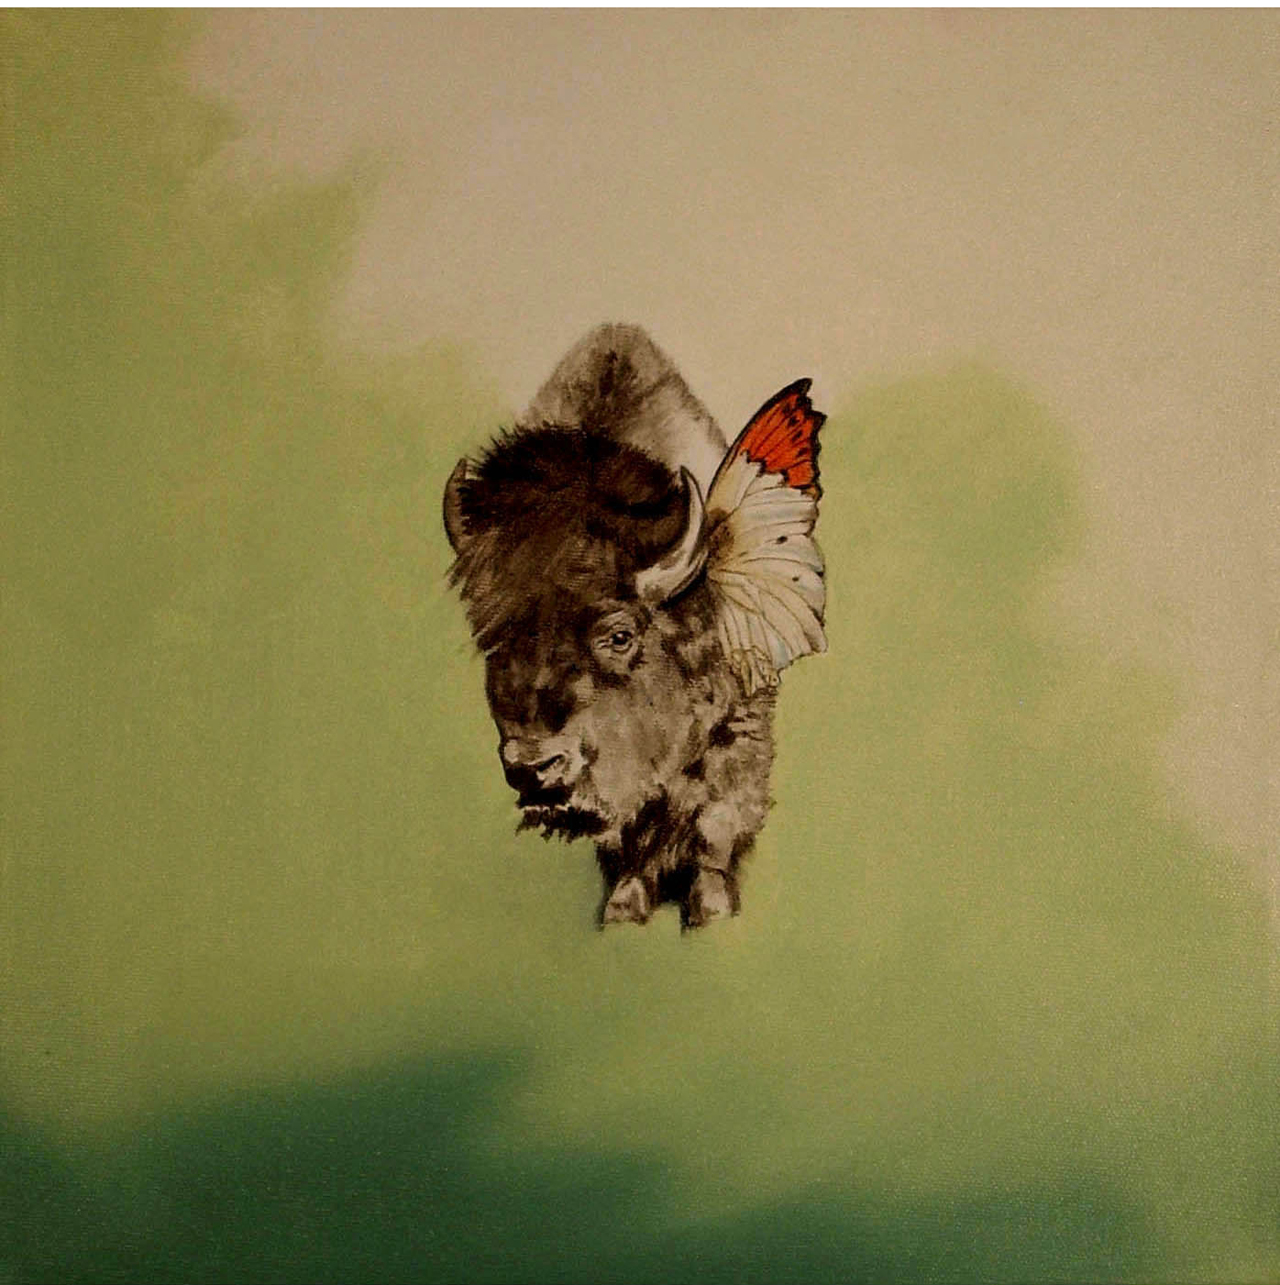 Marianna Gartner, Green Butterfly Bison, 2006, Öl auf Leinwand, 30 x 30 cm